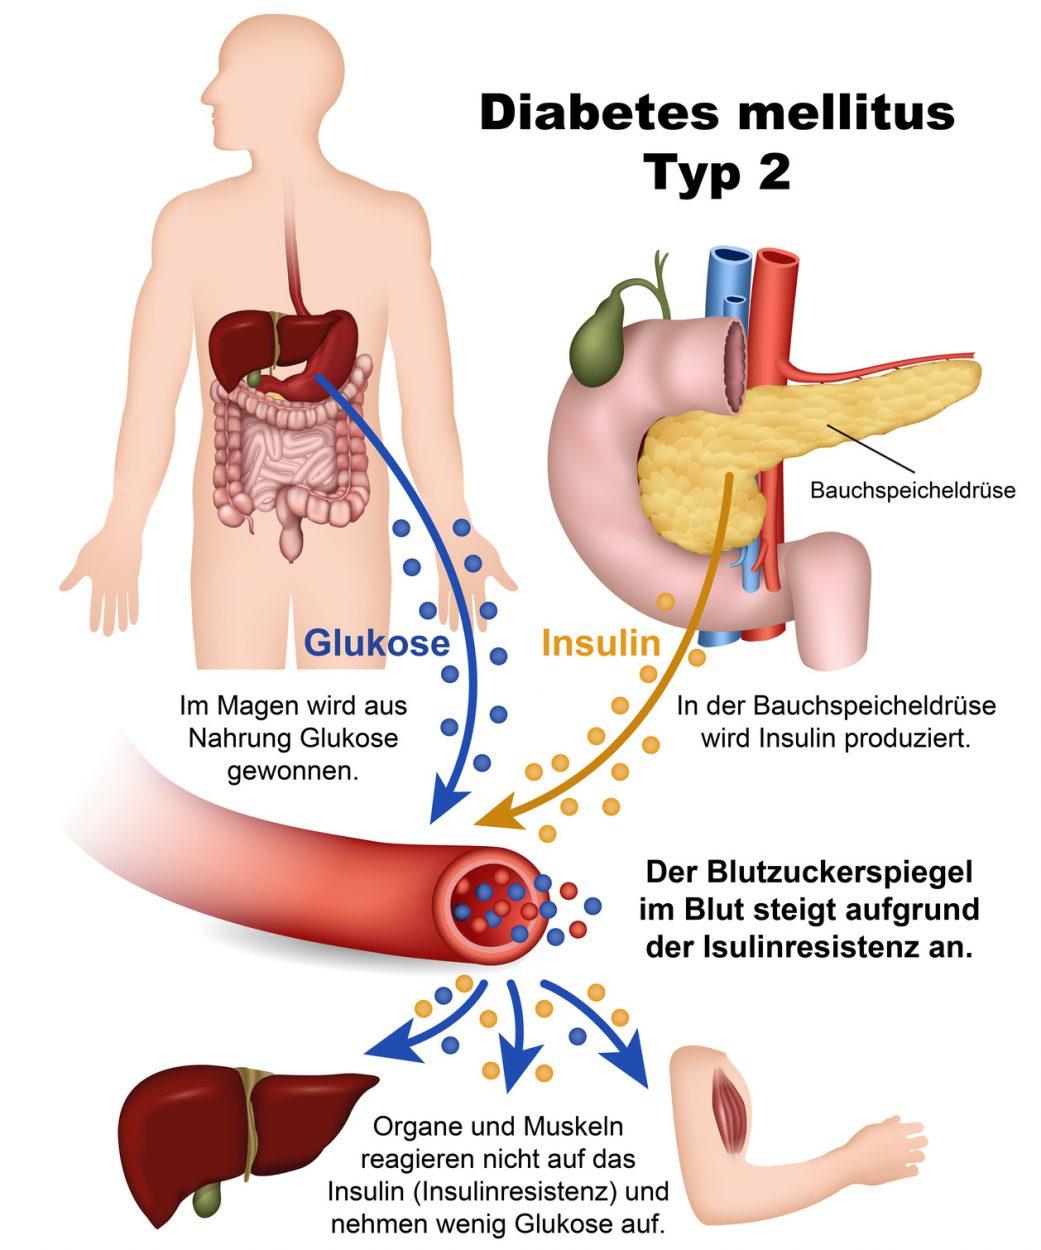 Welche Therapie bei Diabetes und Niereninsuffizienz?